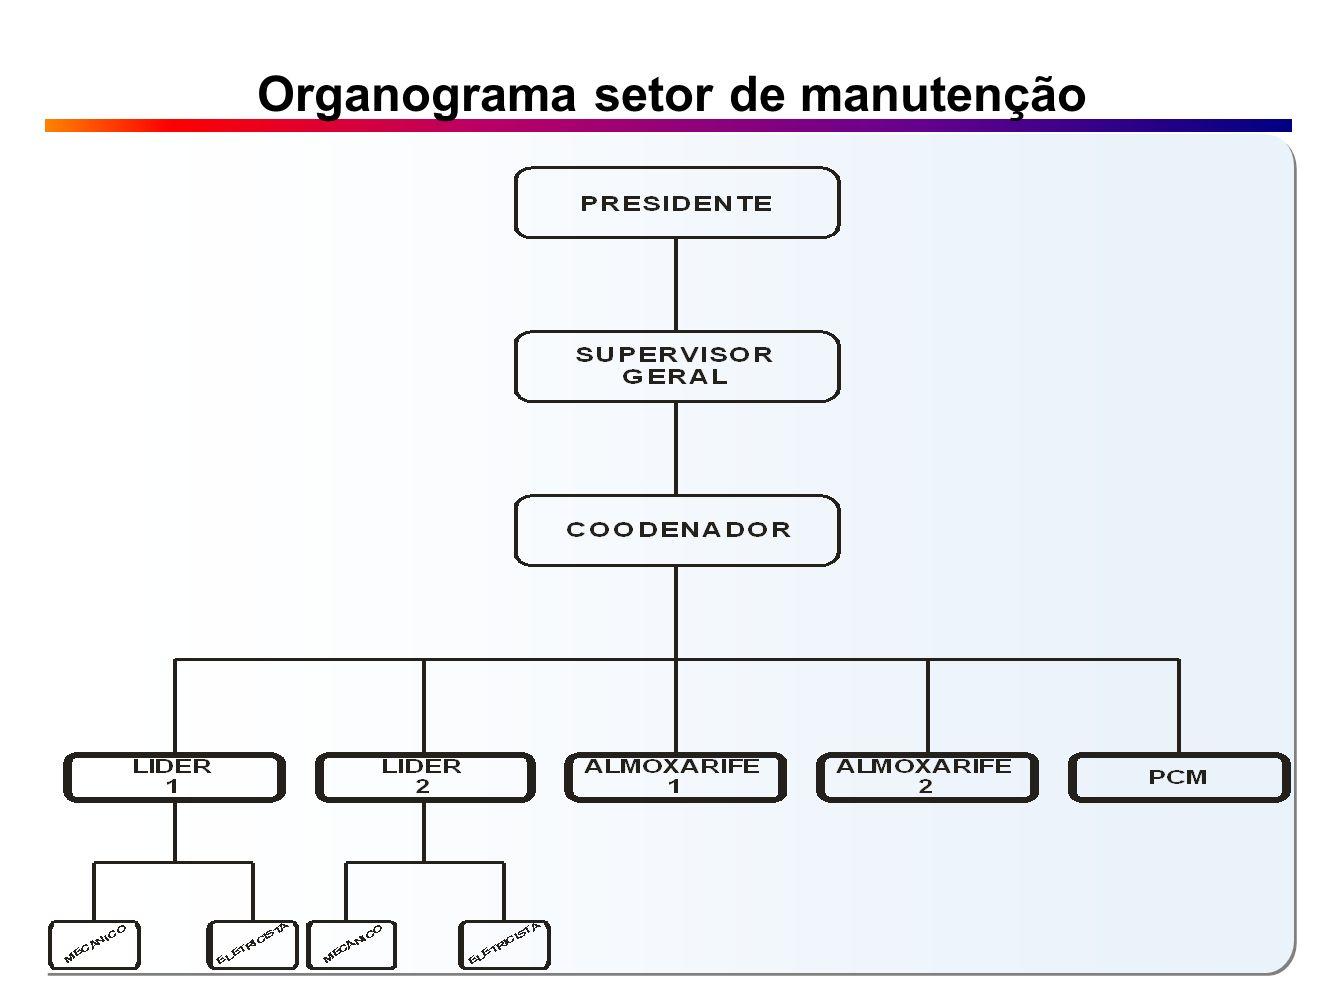 Organograma setor de manutenção